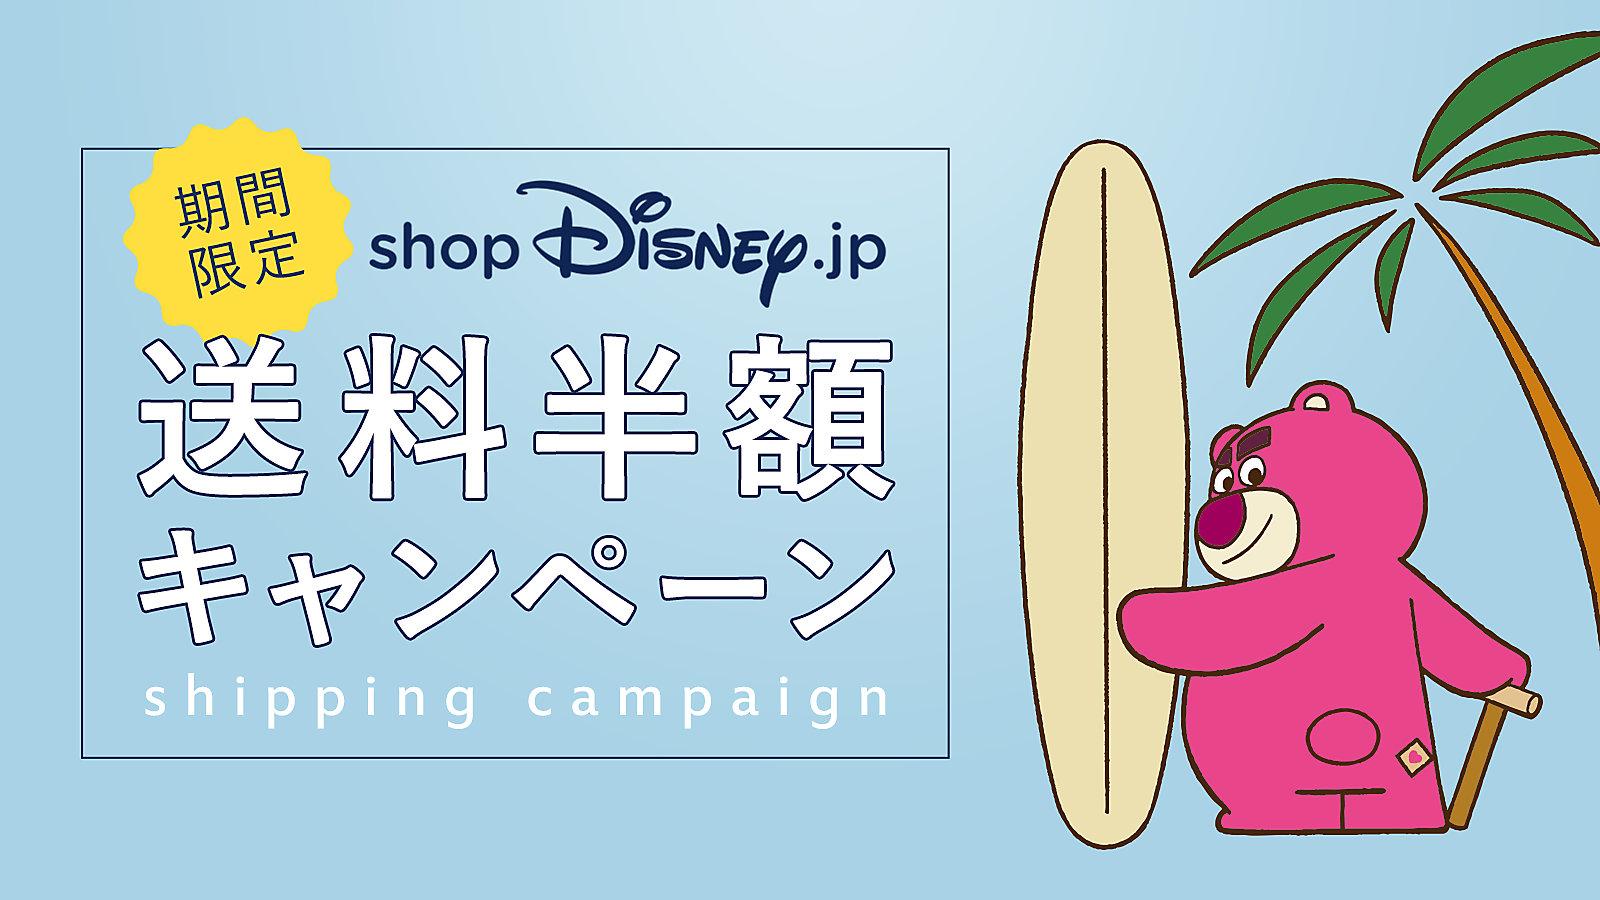 期間限定 shopdisney送料半額キャンペーン